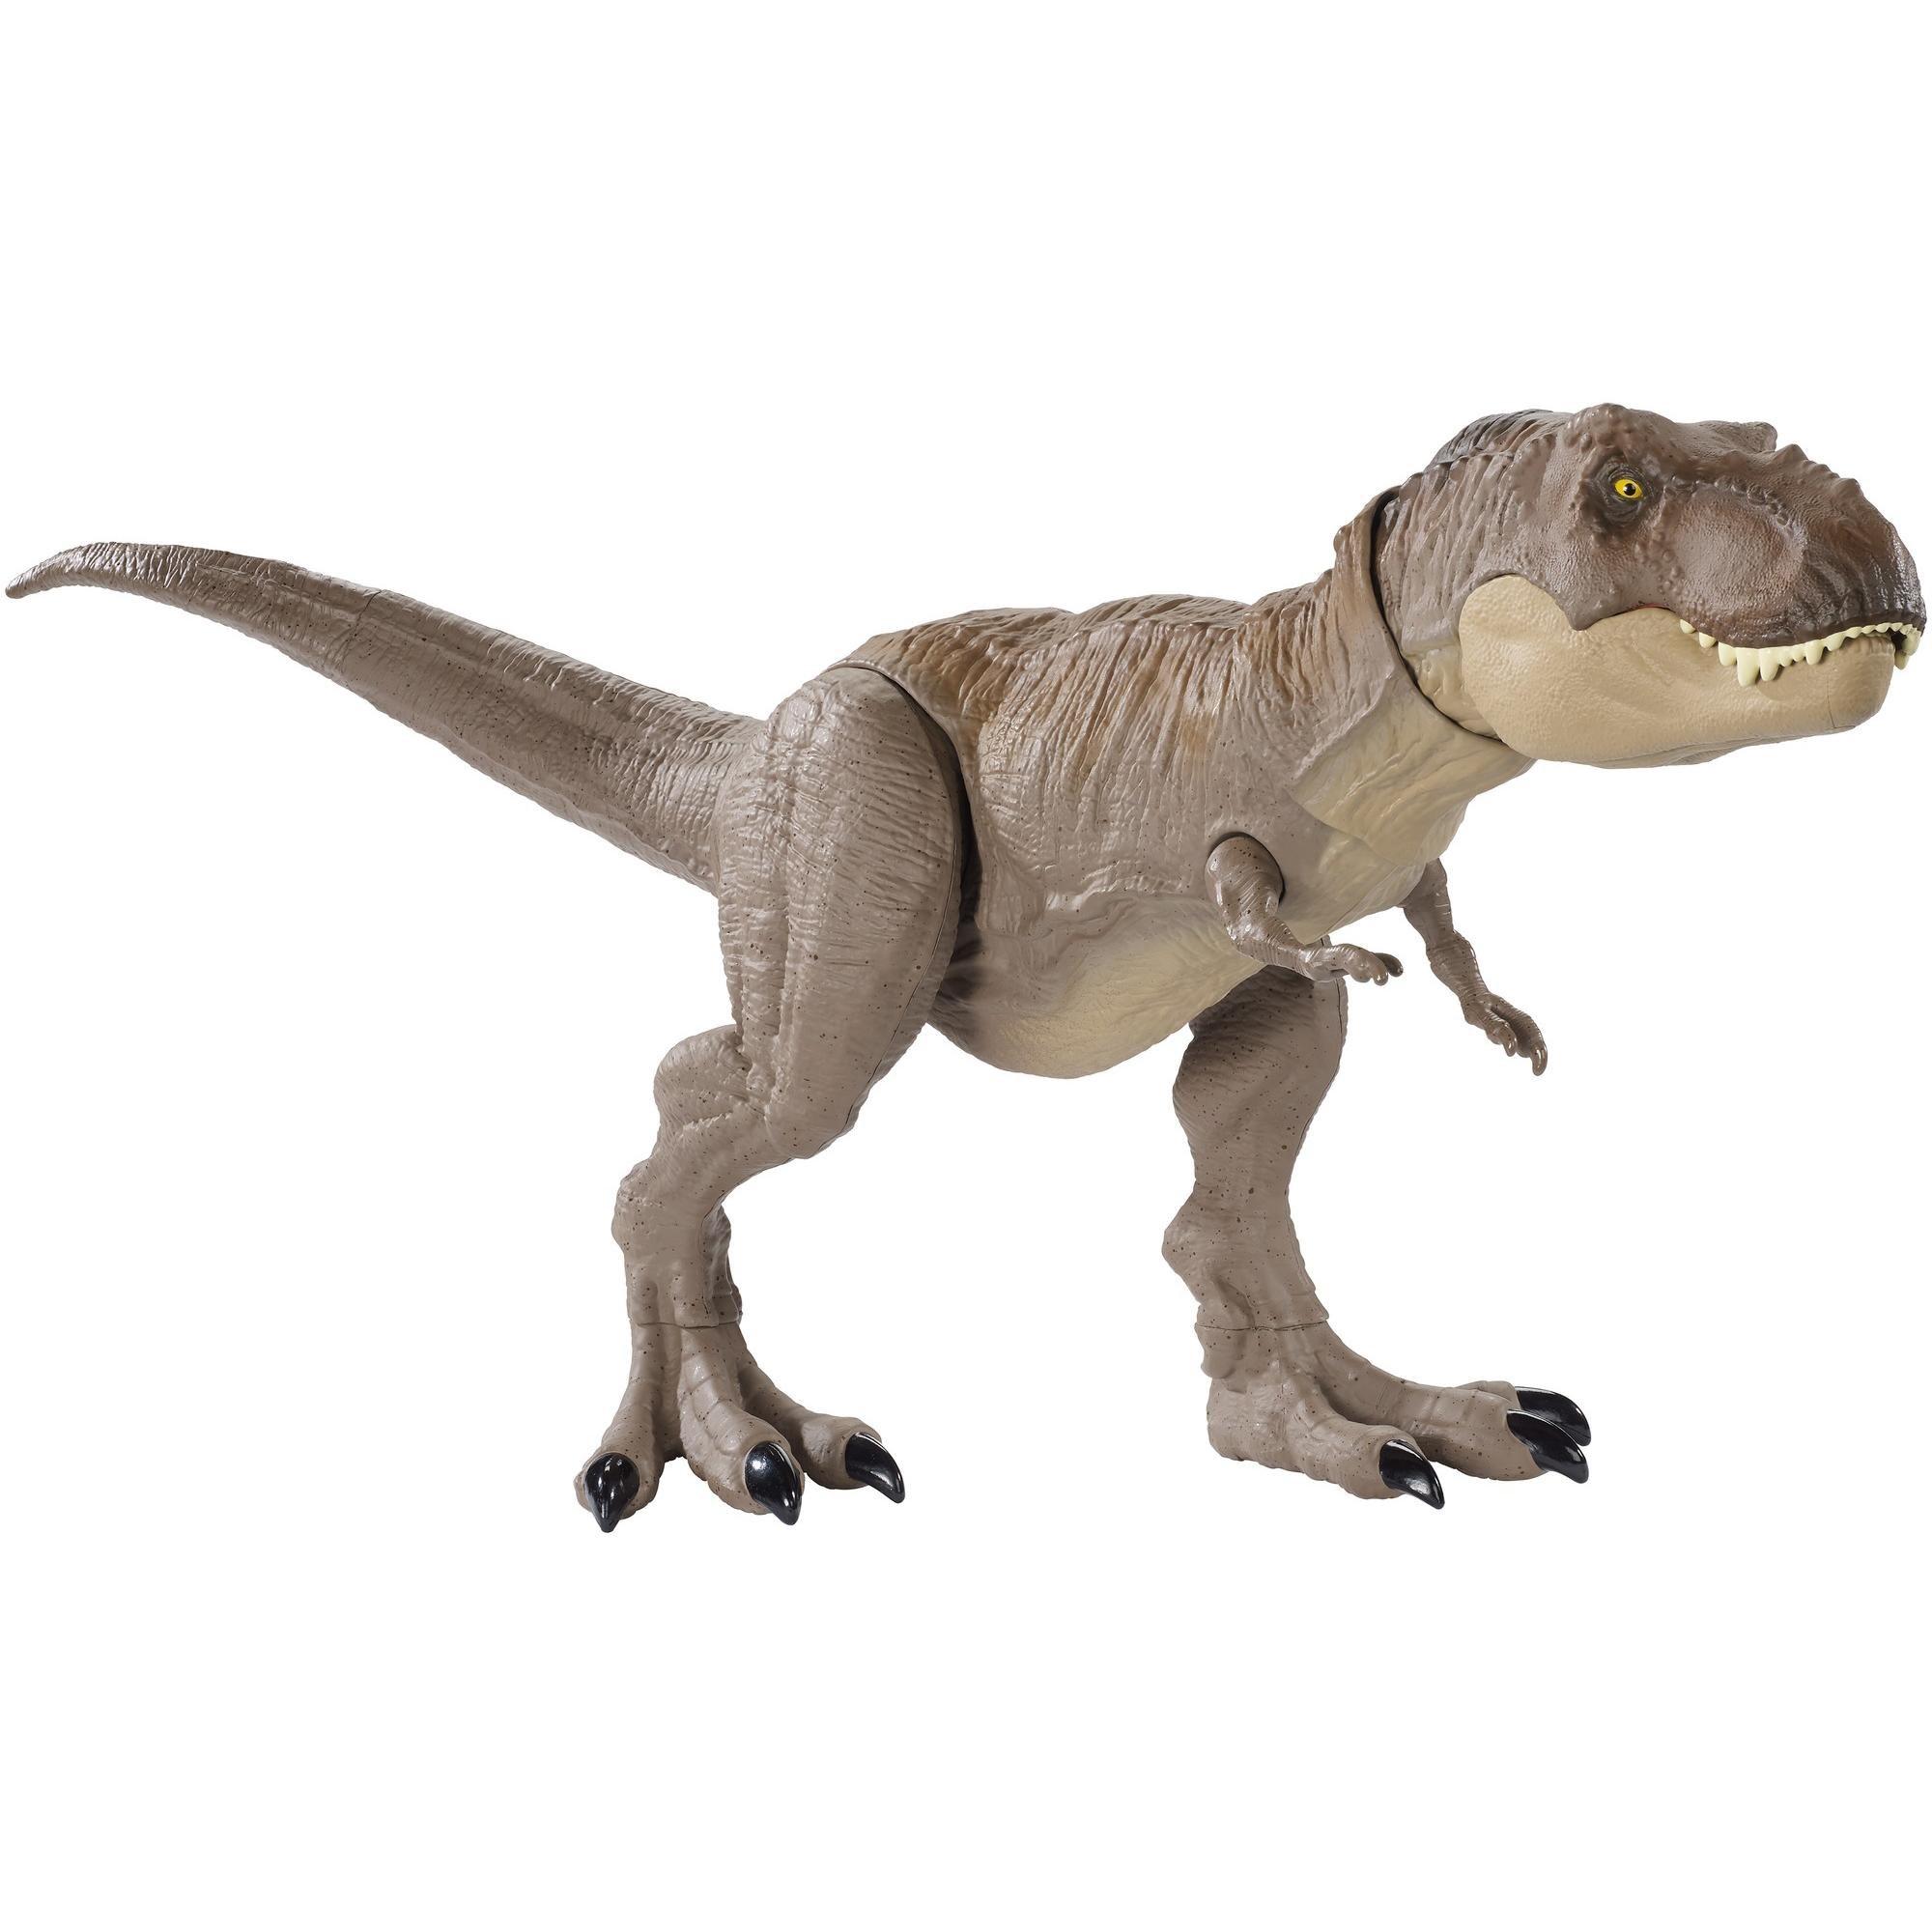 A T-rex toy